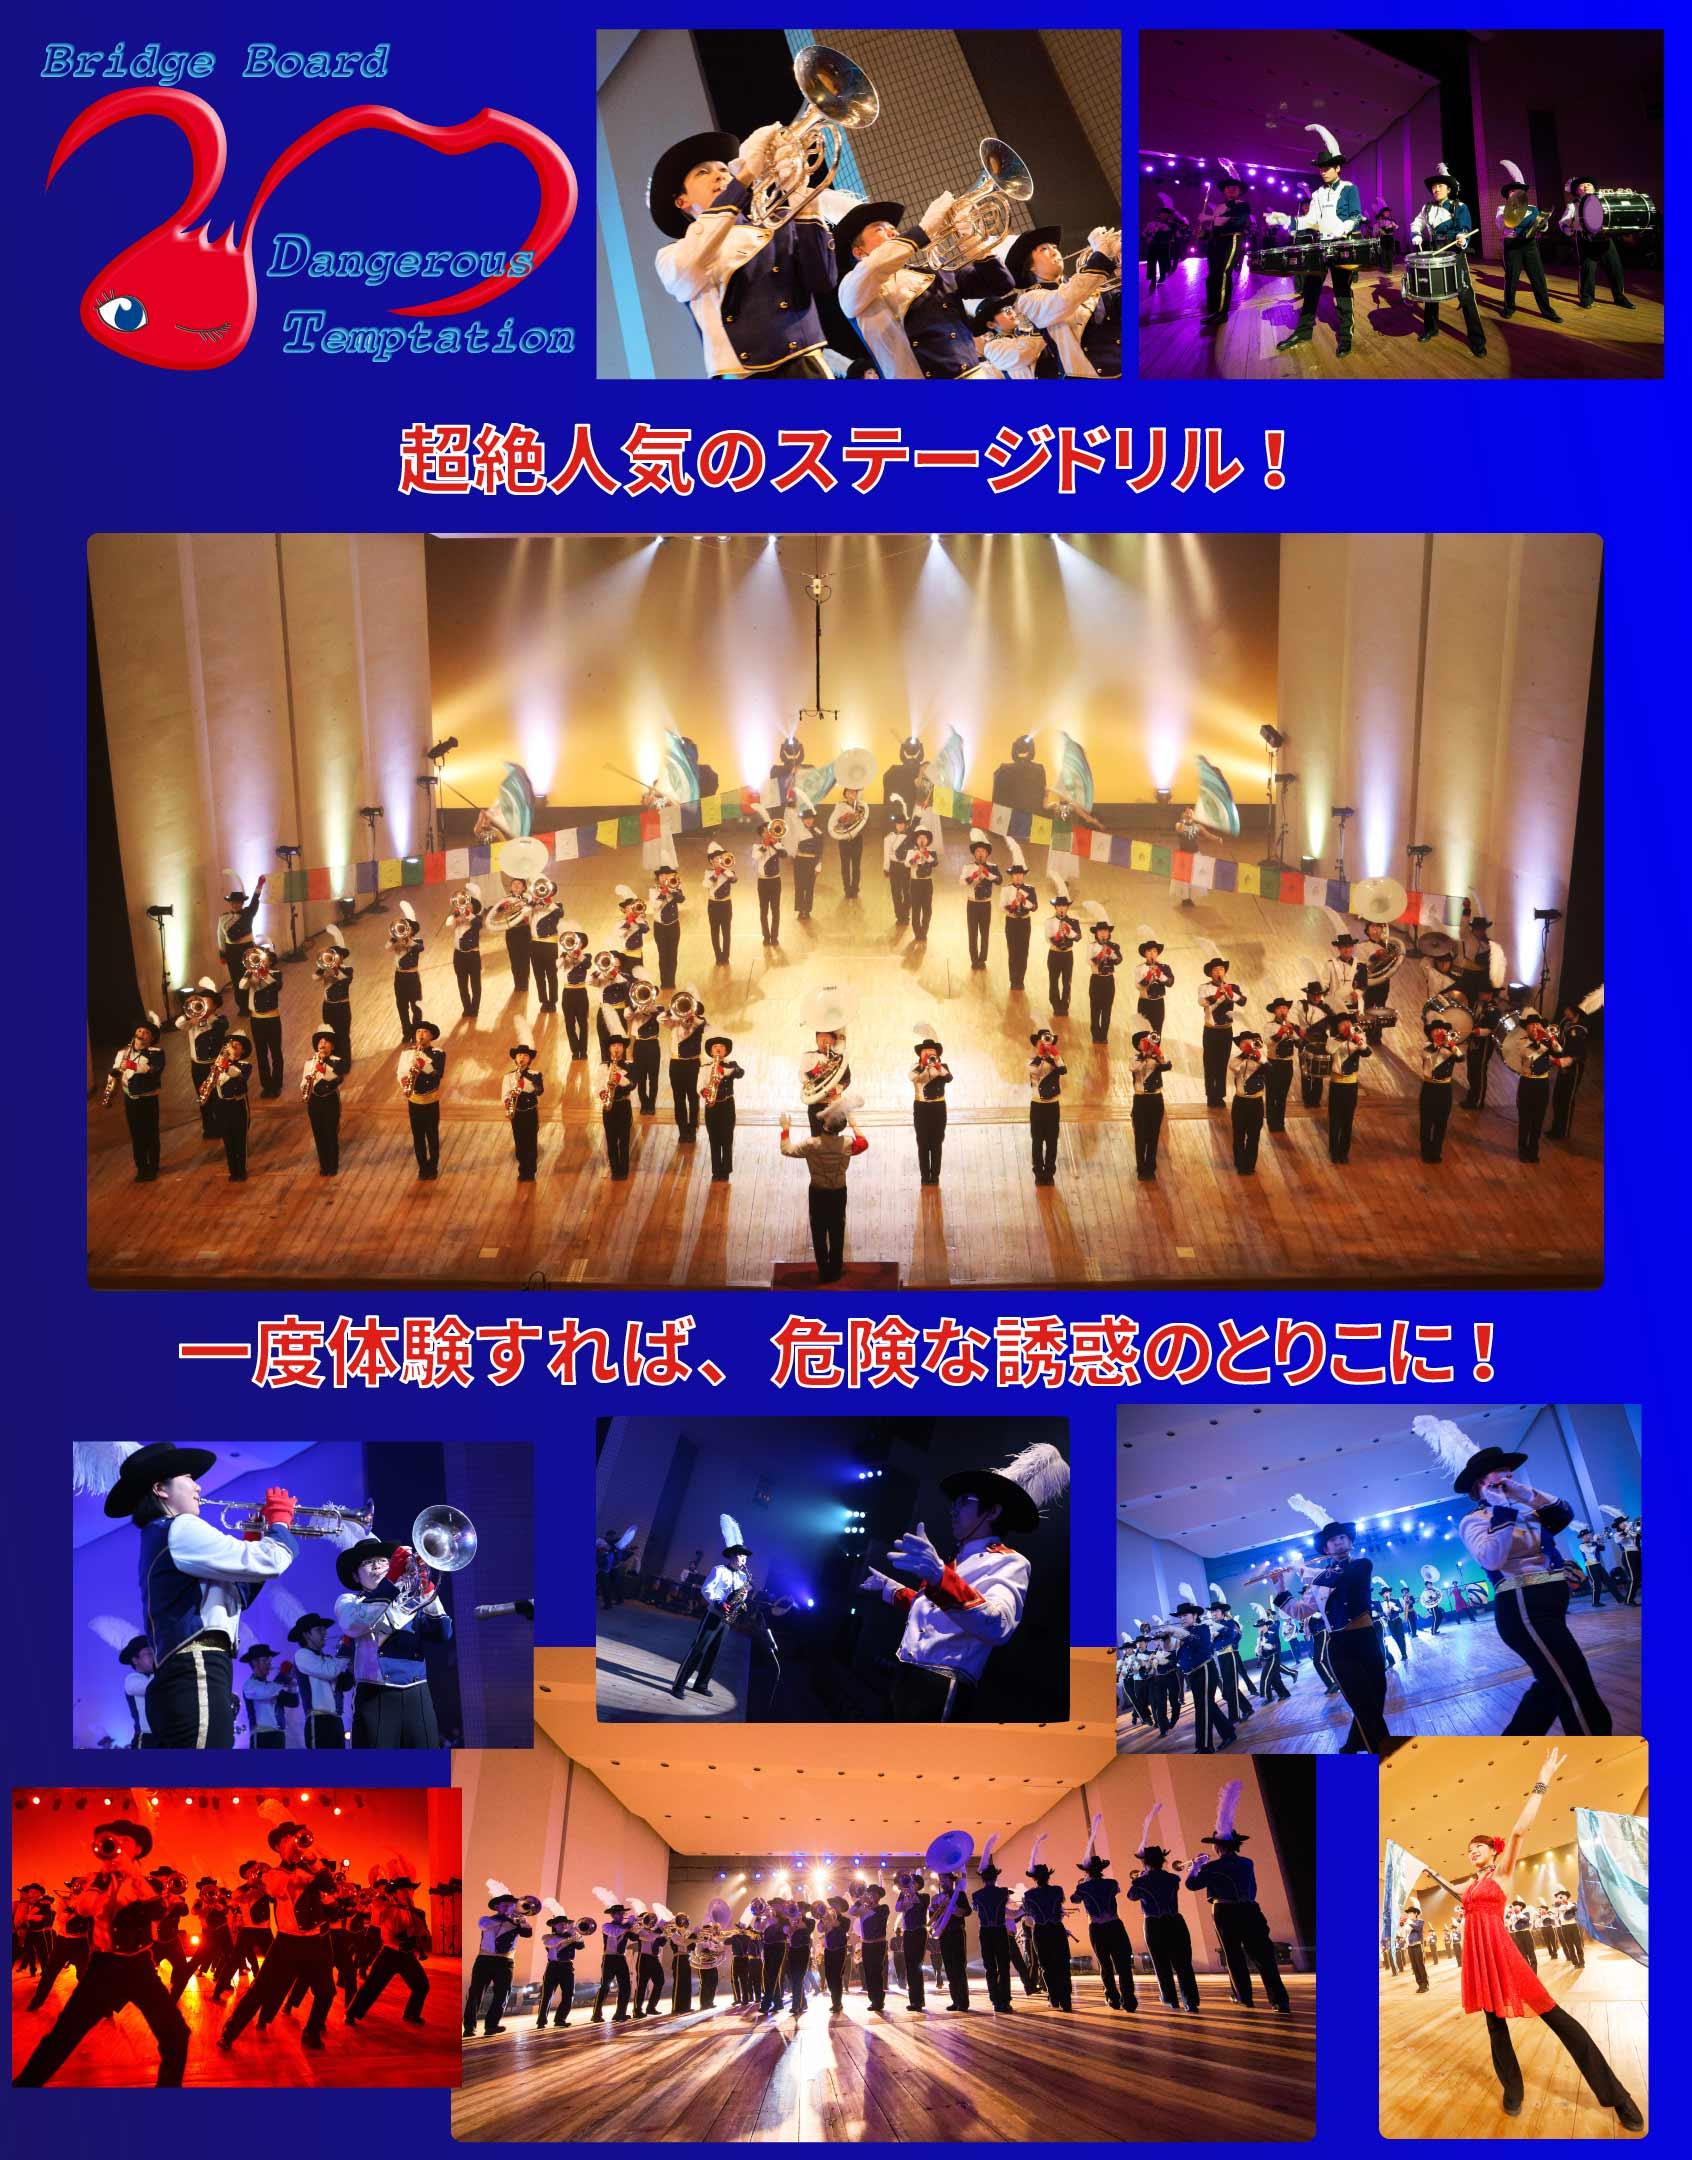 板橋区吹奏楽団 ステージドリルの魅力